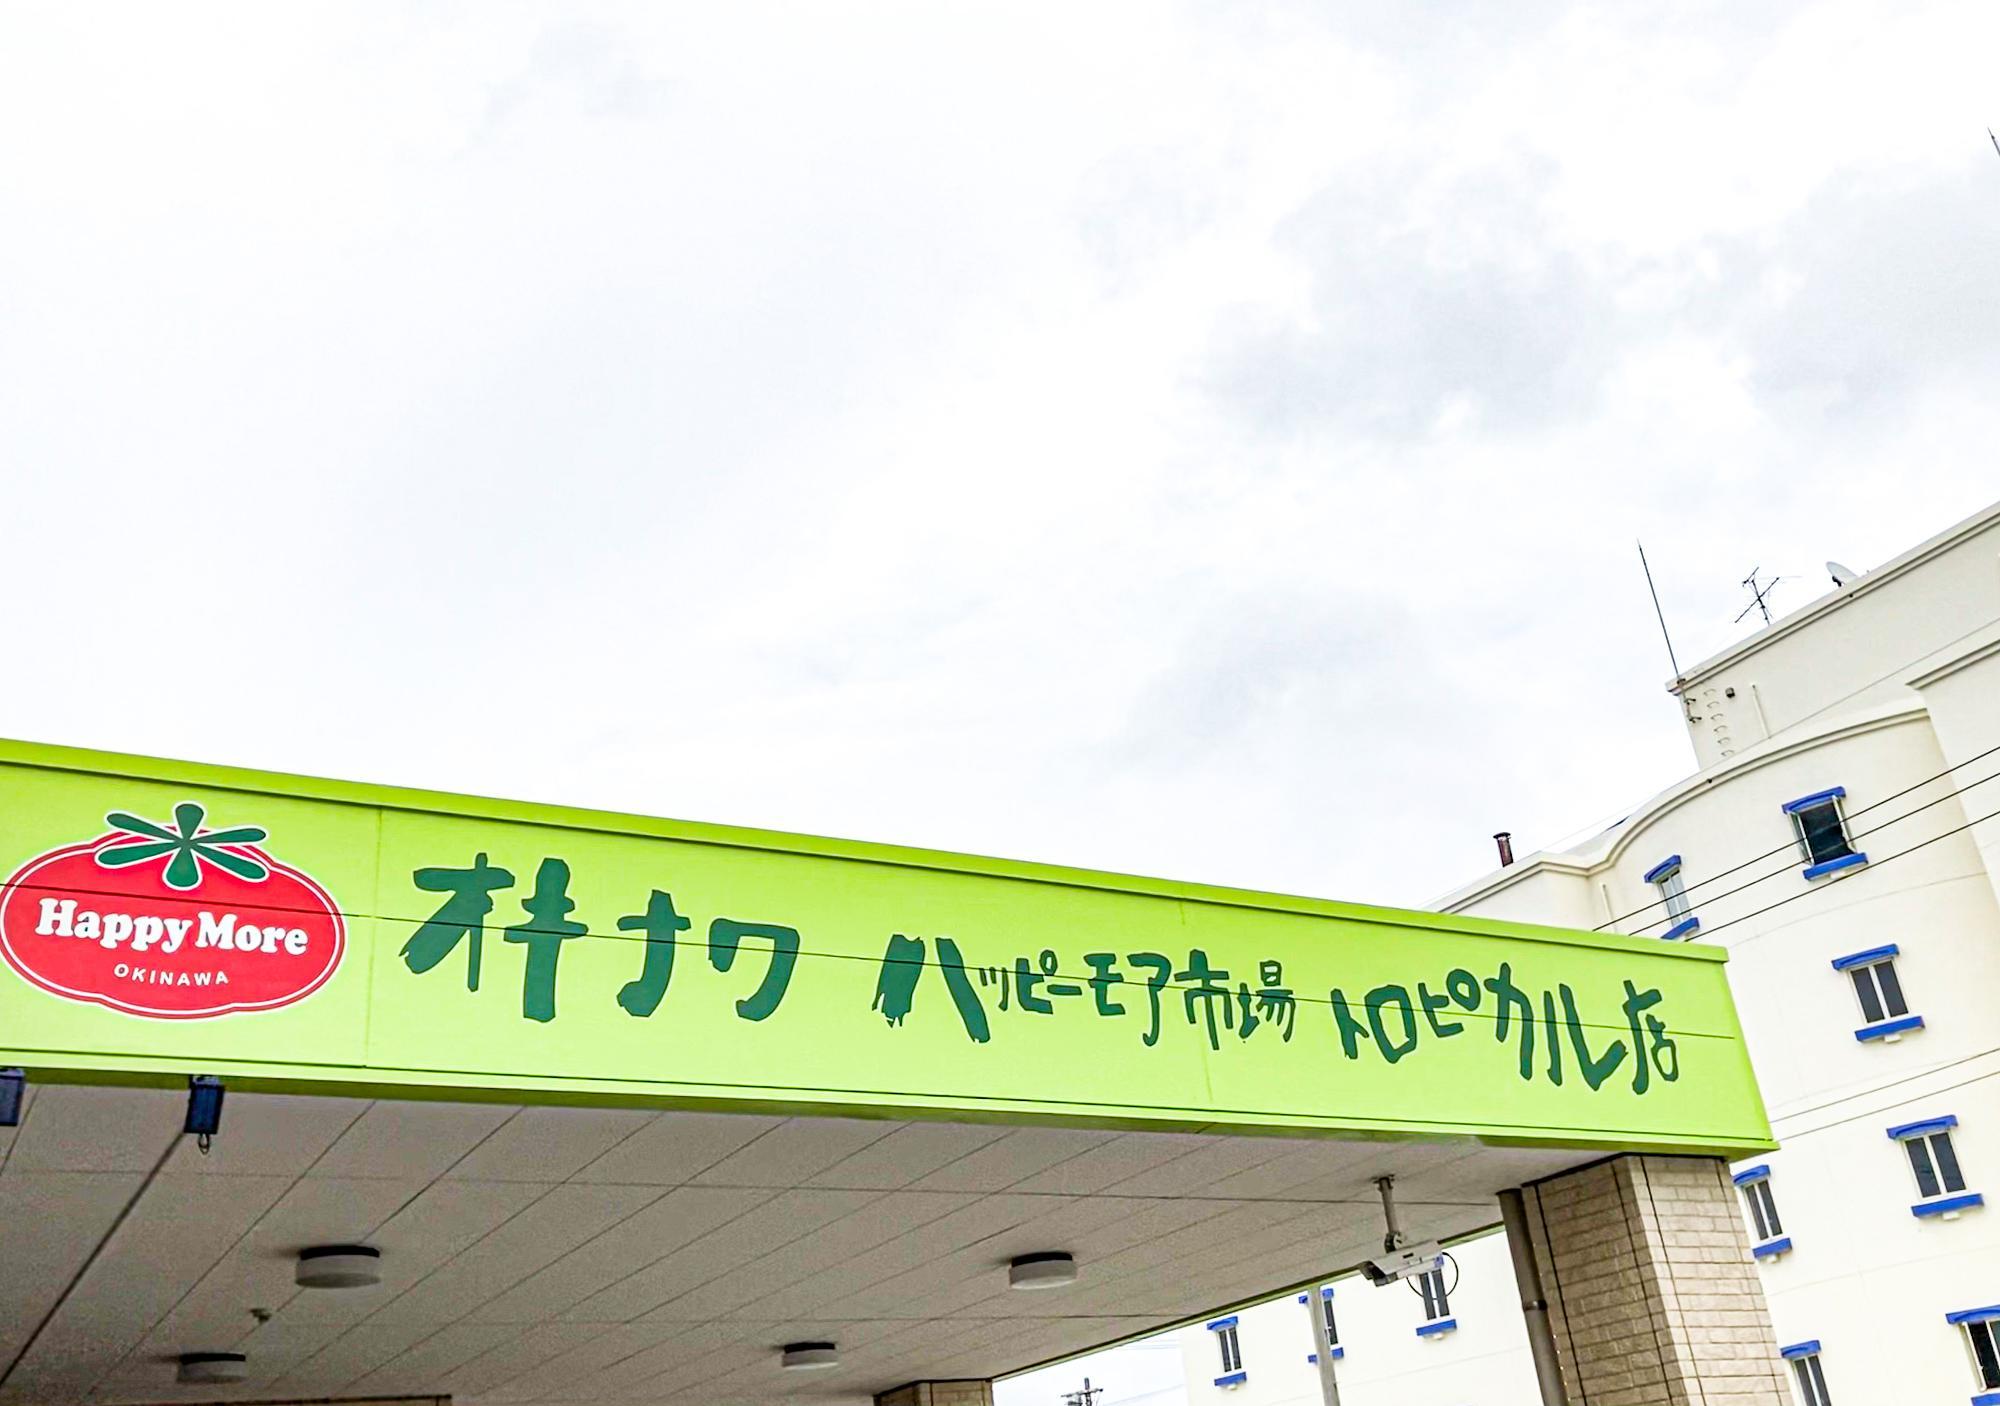 ハッピーモア市場 トロピカル店